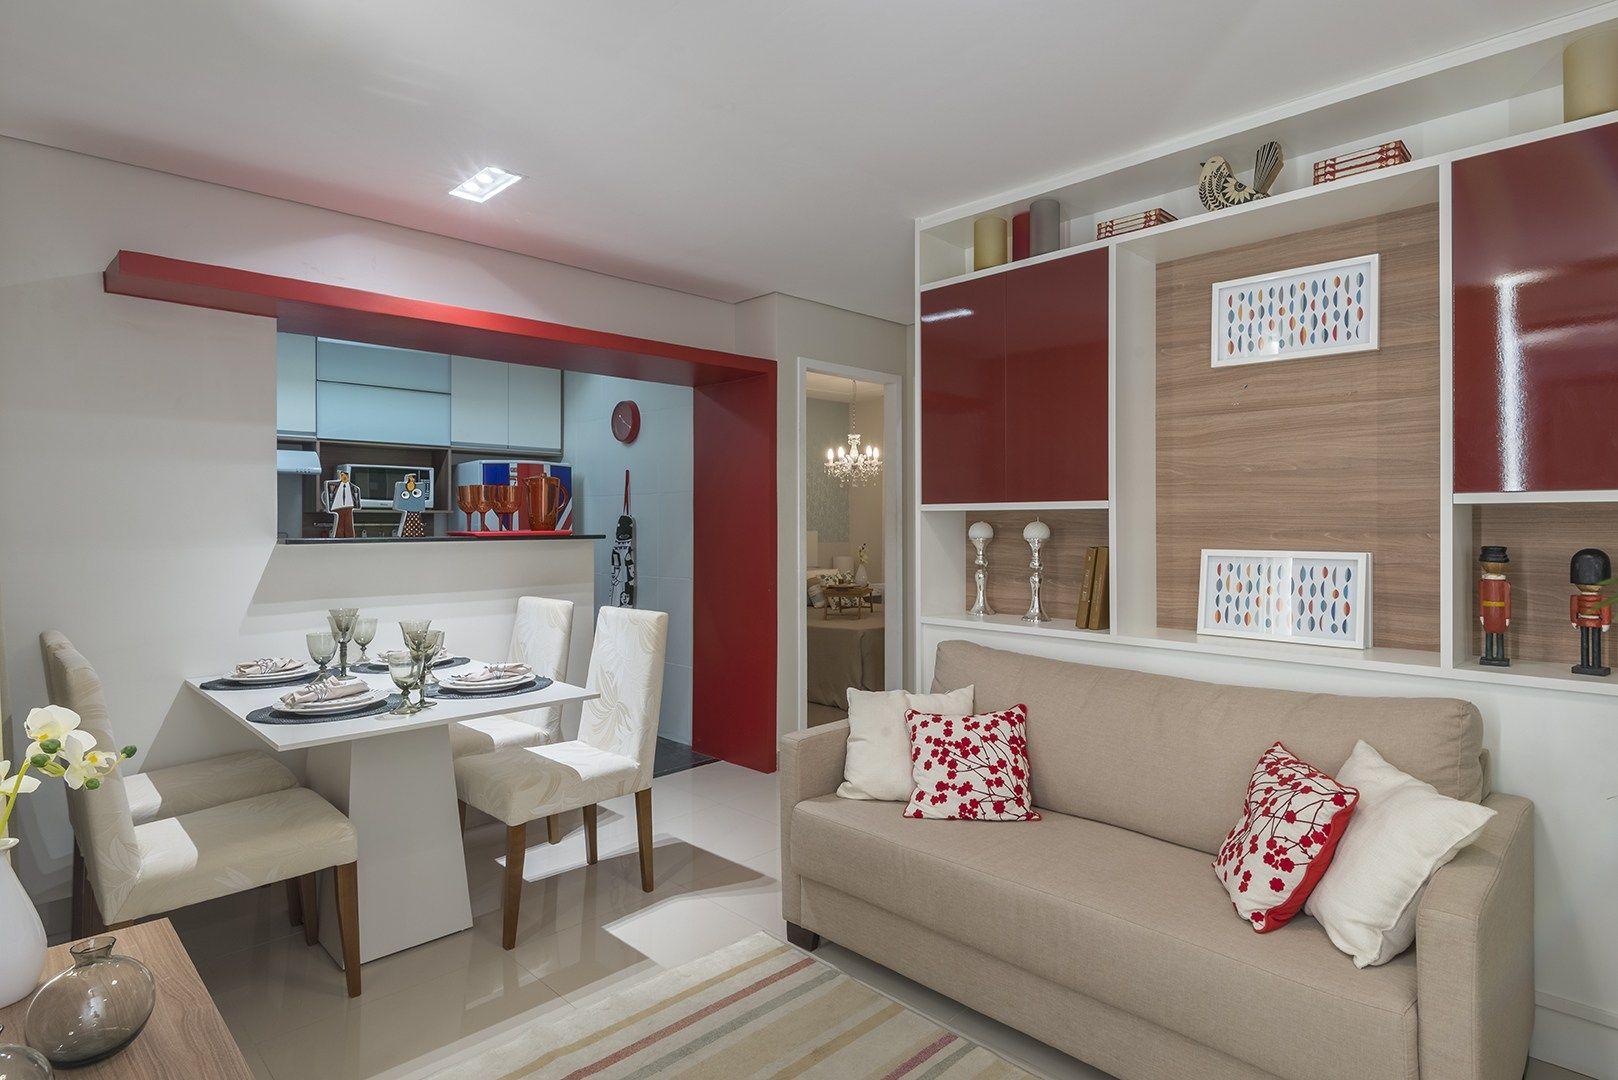 Apartamento Decorado Pequeno Cozinha Oppenau Info